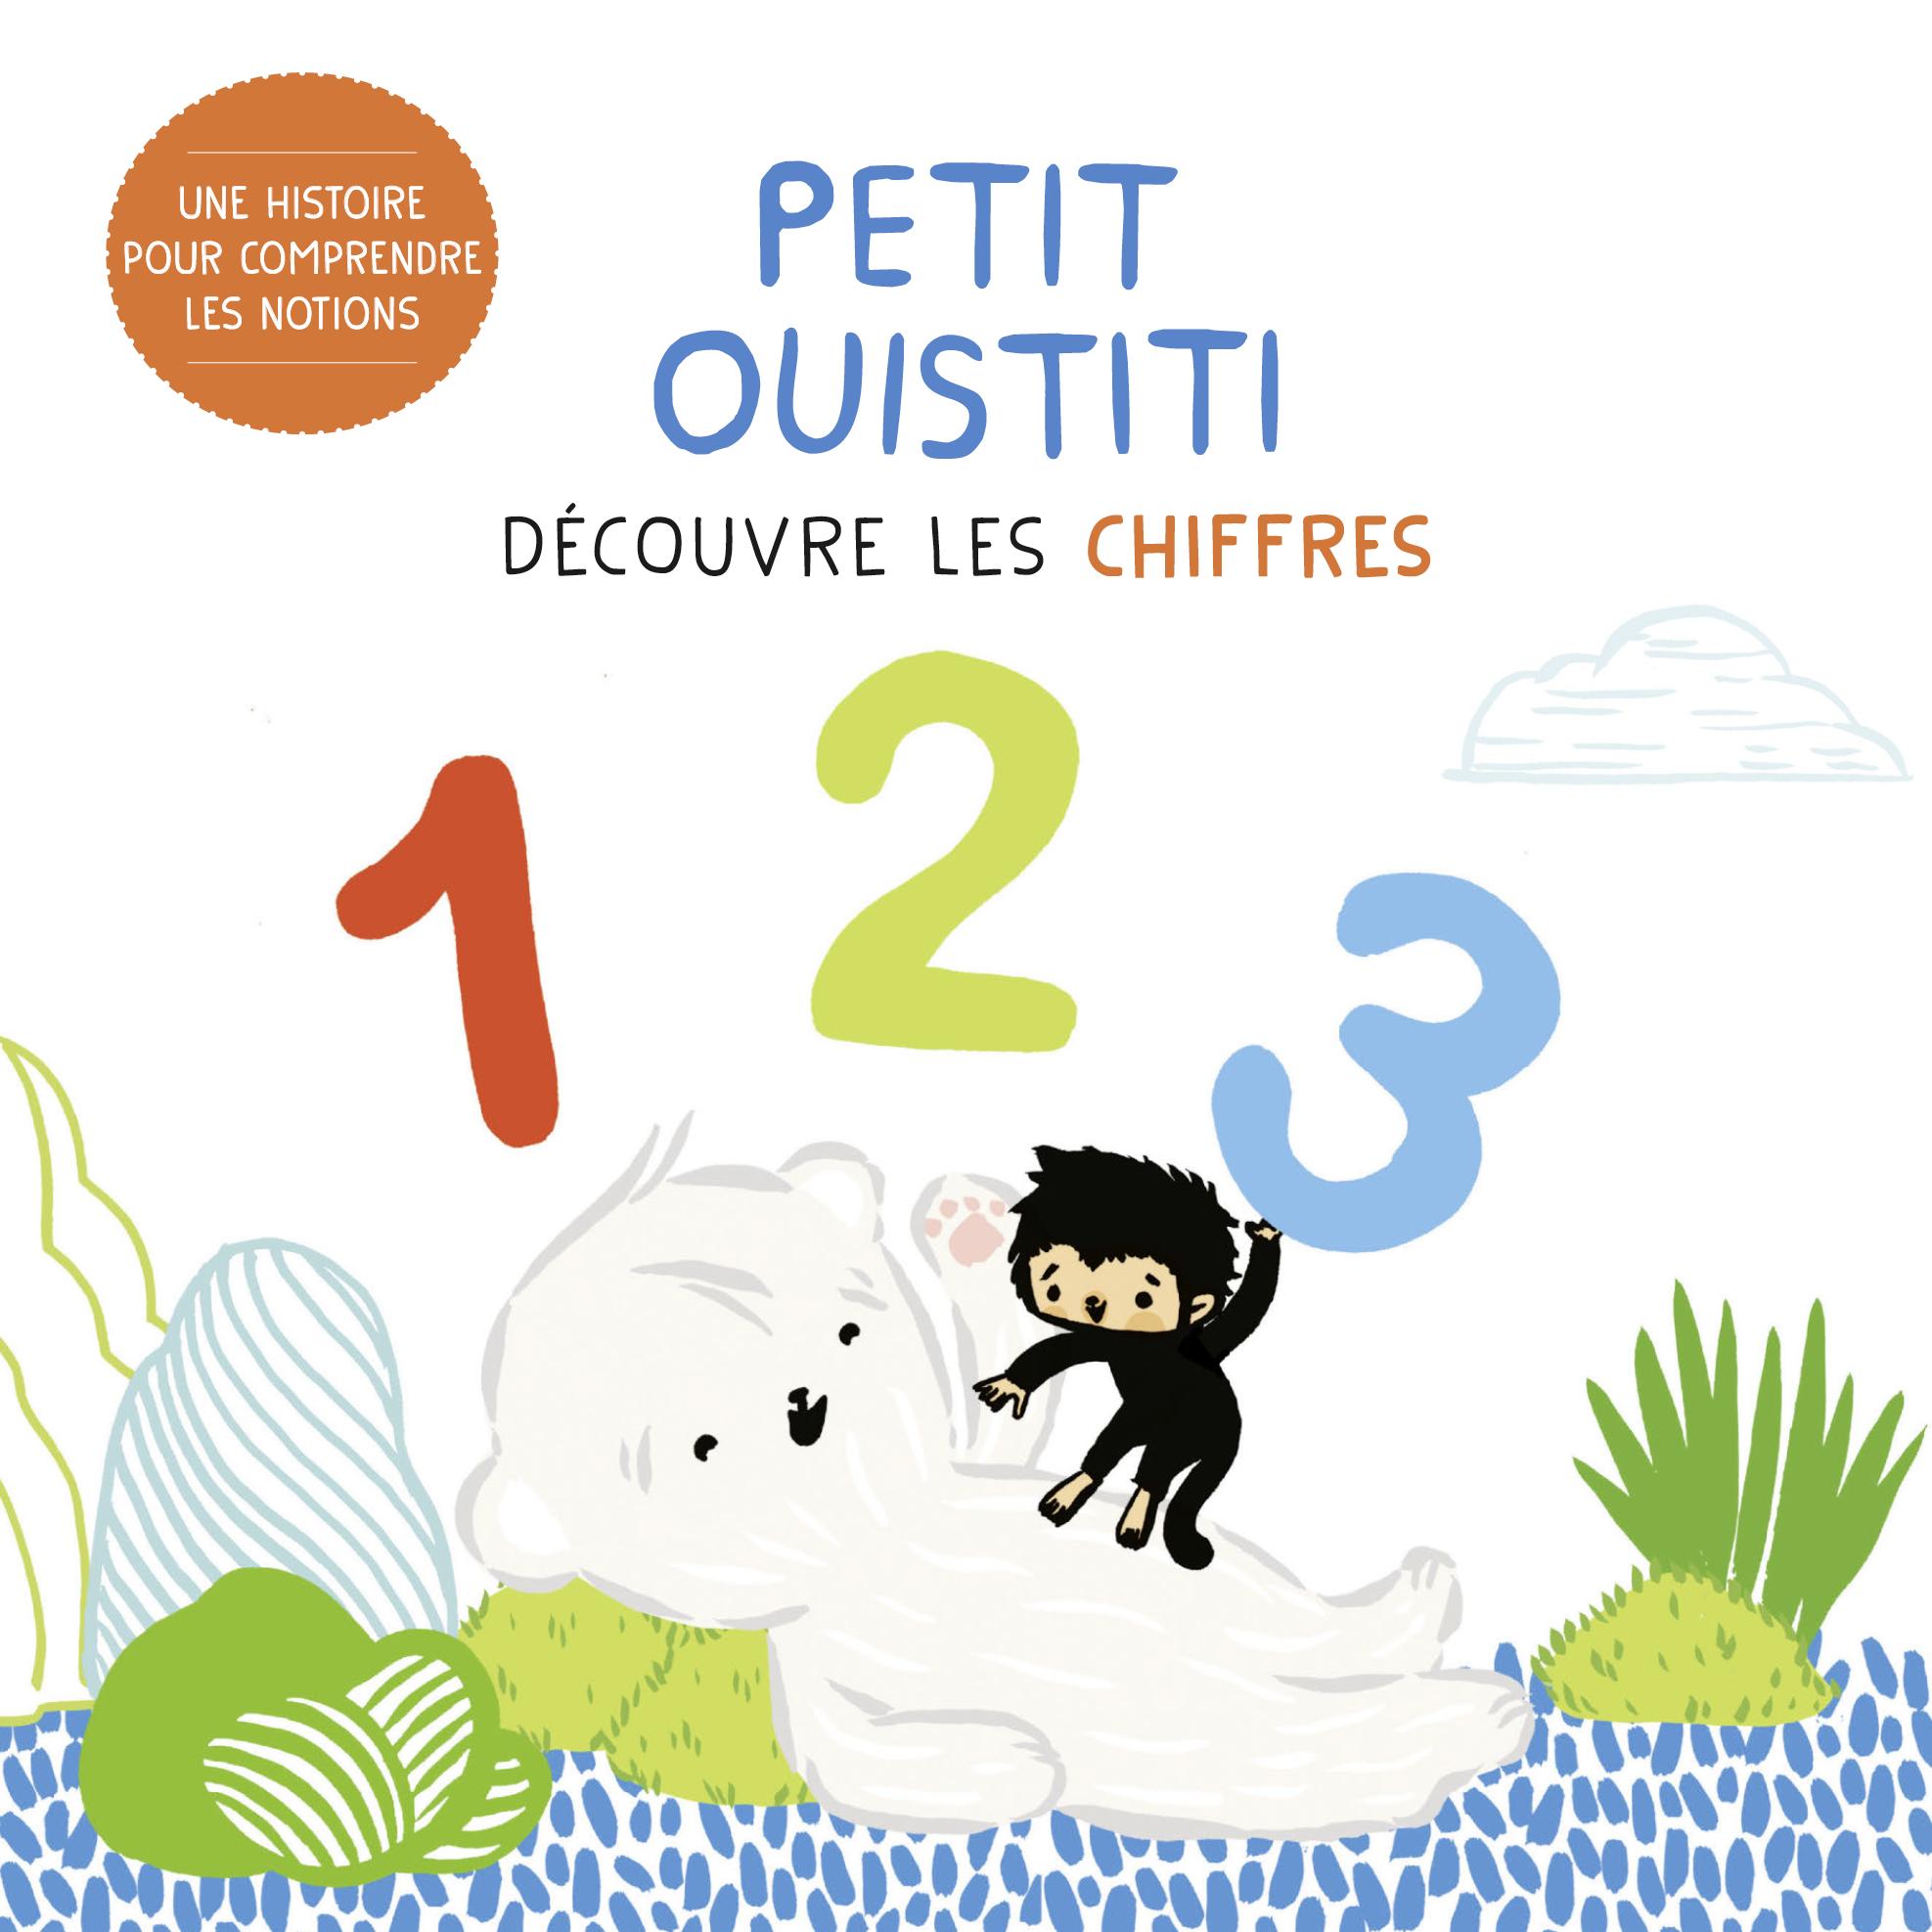 Vignette du livre Petit ouistiti découvre les chiffres